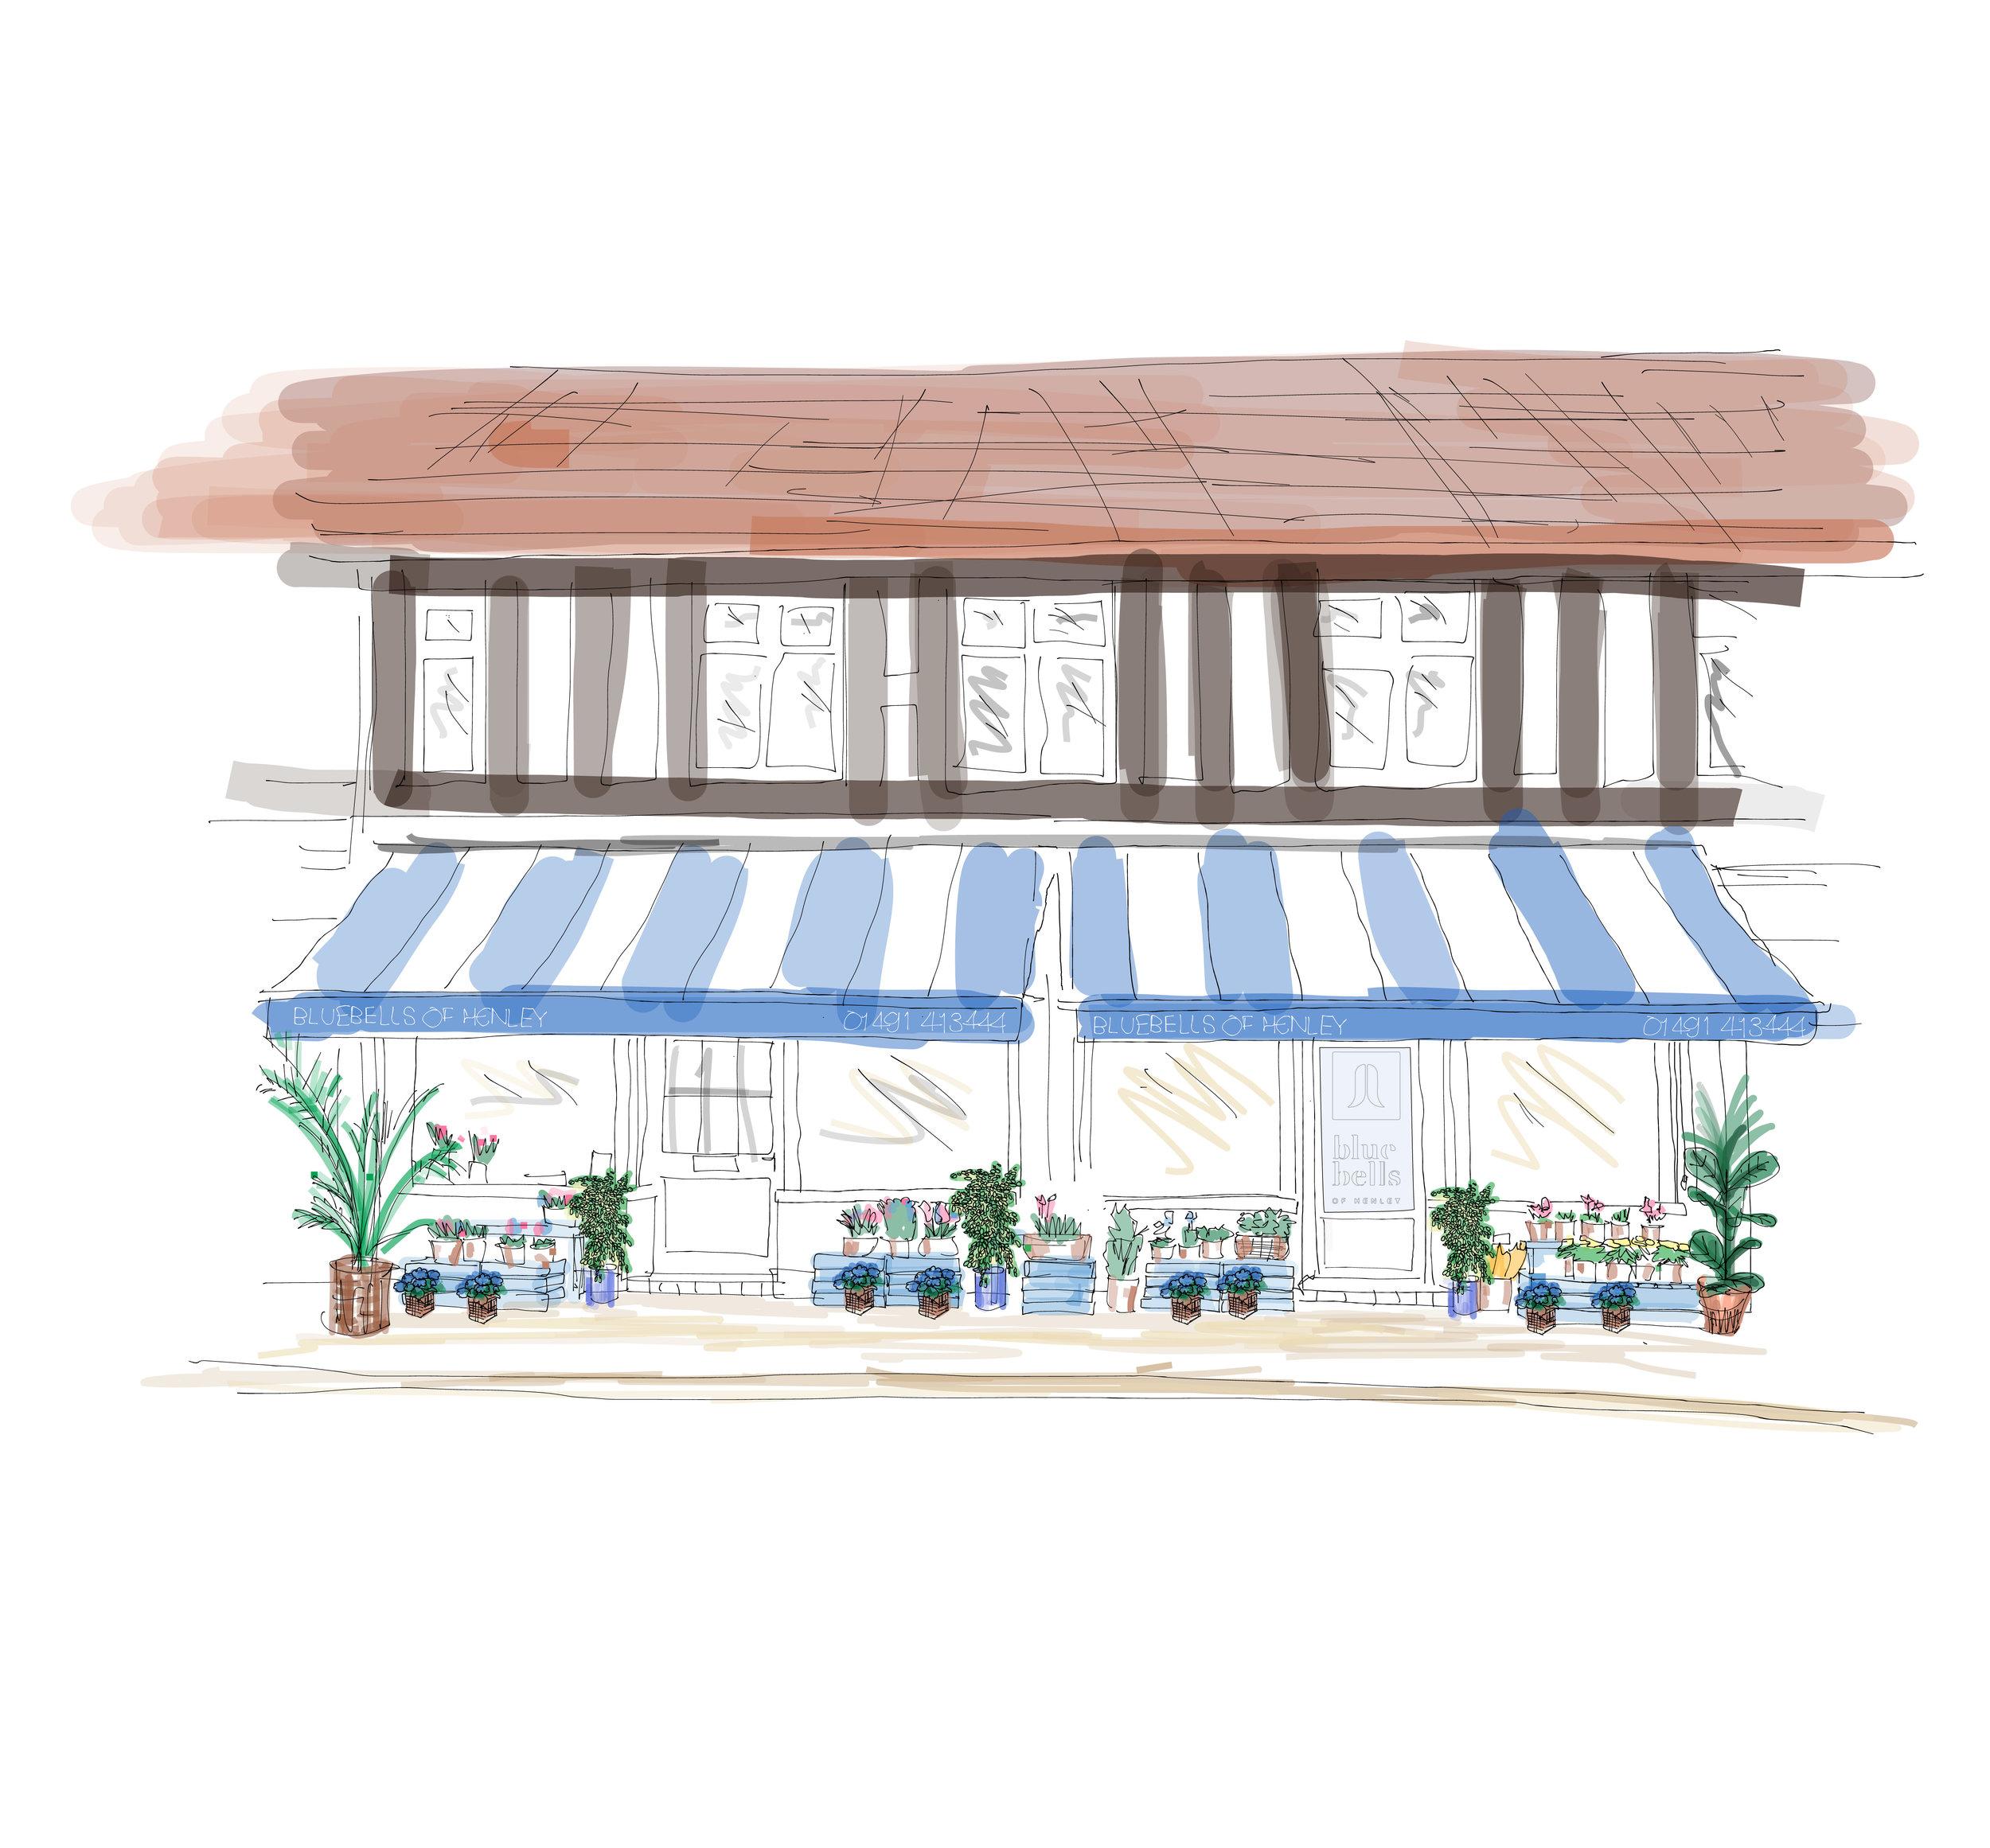 bluebells-of-henley-florist-flowers-shop-sketch-01a-01.jpg